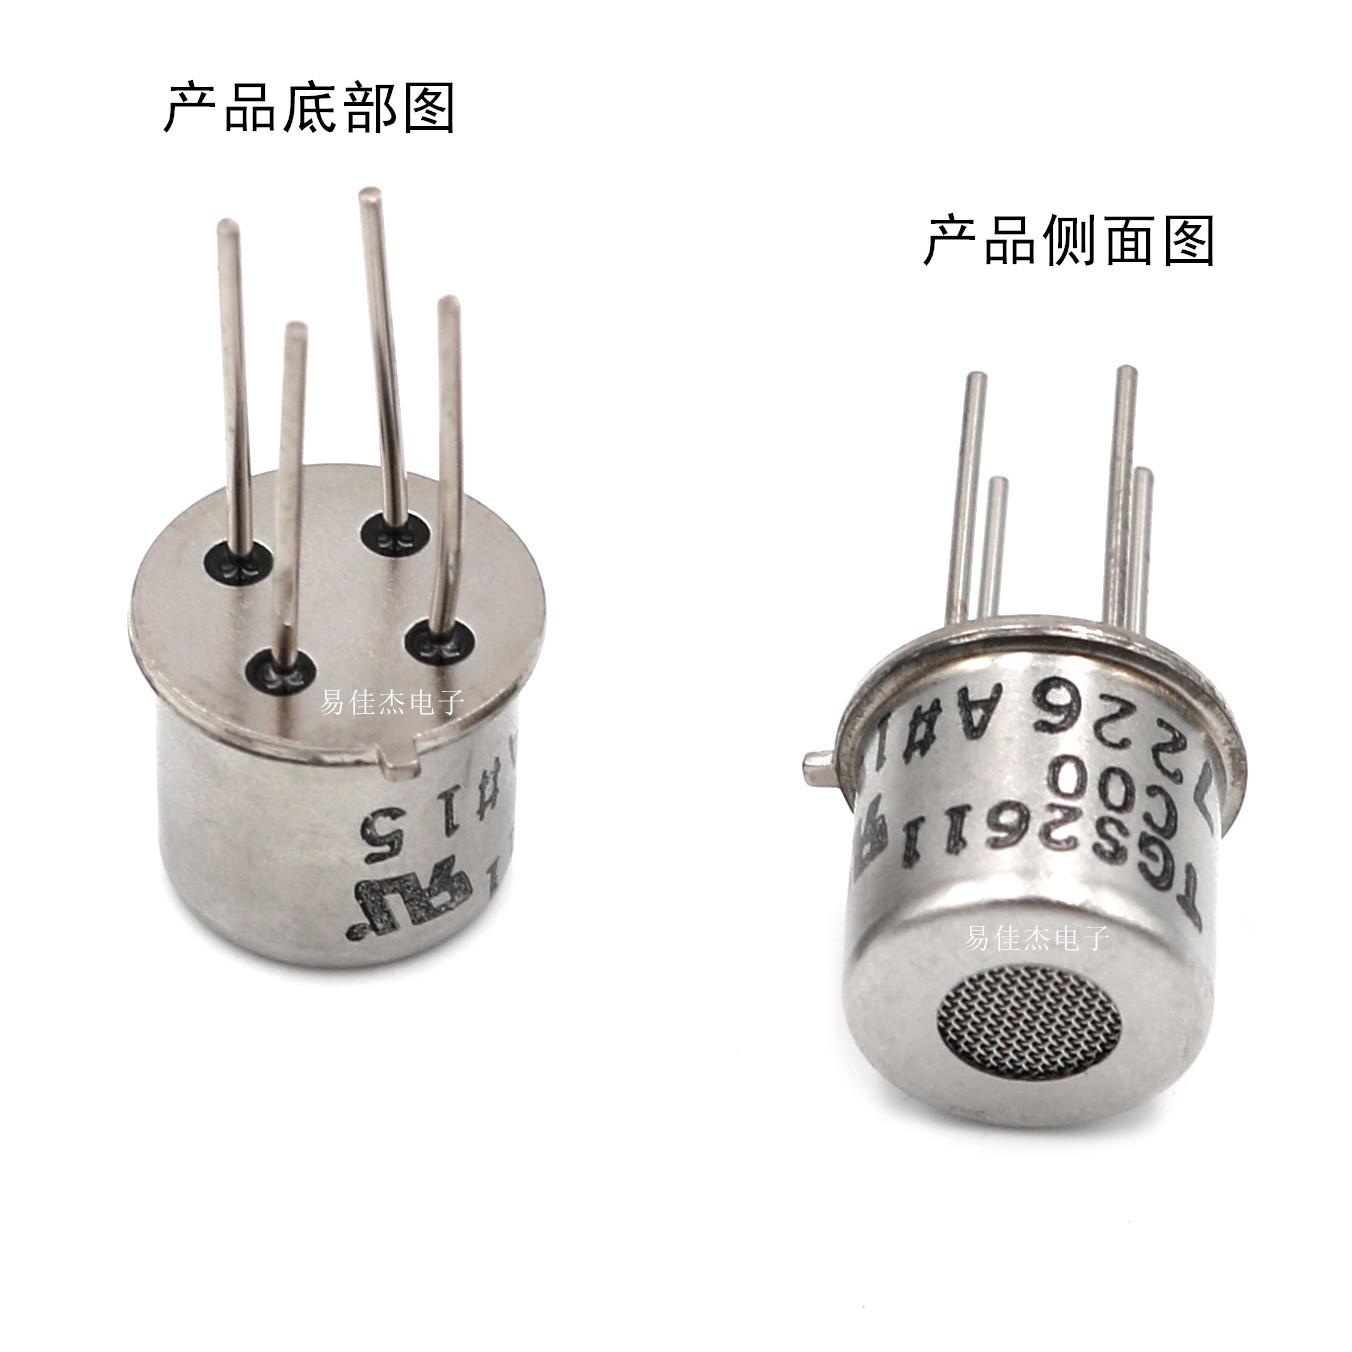 FIGARO Cảm biến Nhật Bản cảm biến khí dễ cháy TGS2611-C00 giả một mất mười bản gốc xác thực